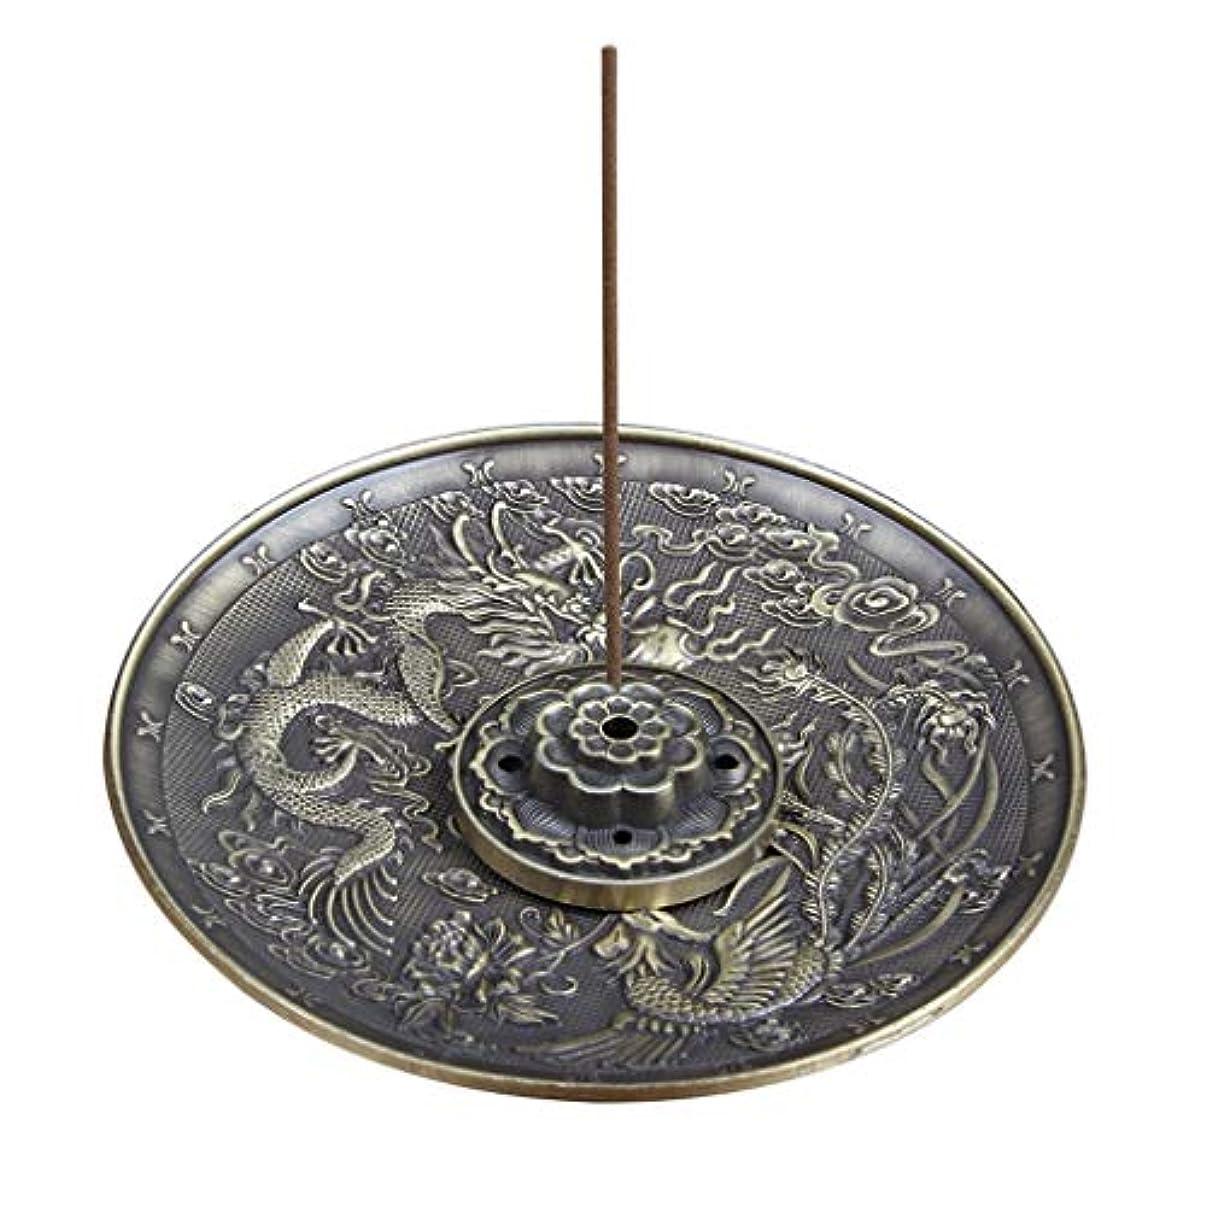 鬼ごっこ主要なパターン合金線香ホルダーロータススティック線香バーナードラゴンとフェニックスコーン線香オイルバーナー灰との逆流キャッチャー(5穴) (Color : Bronze, サイズ : 3.77*0.51inches)